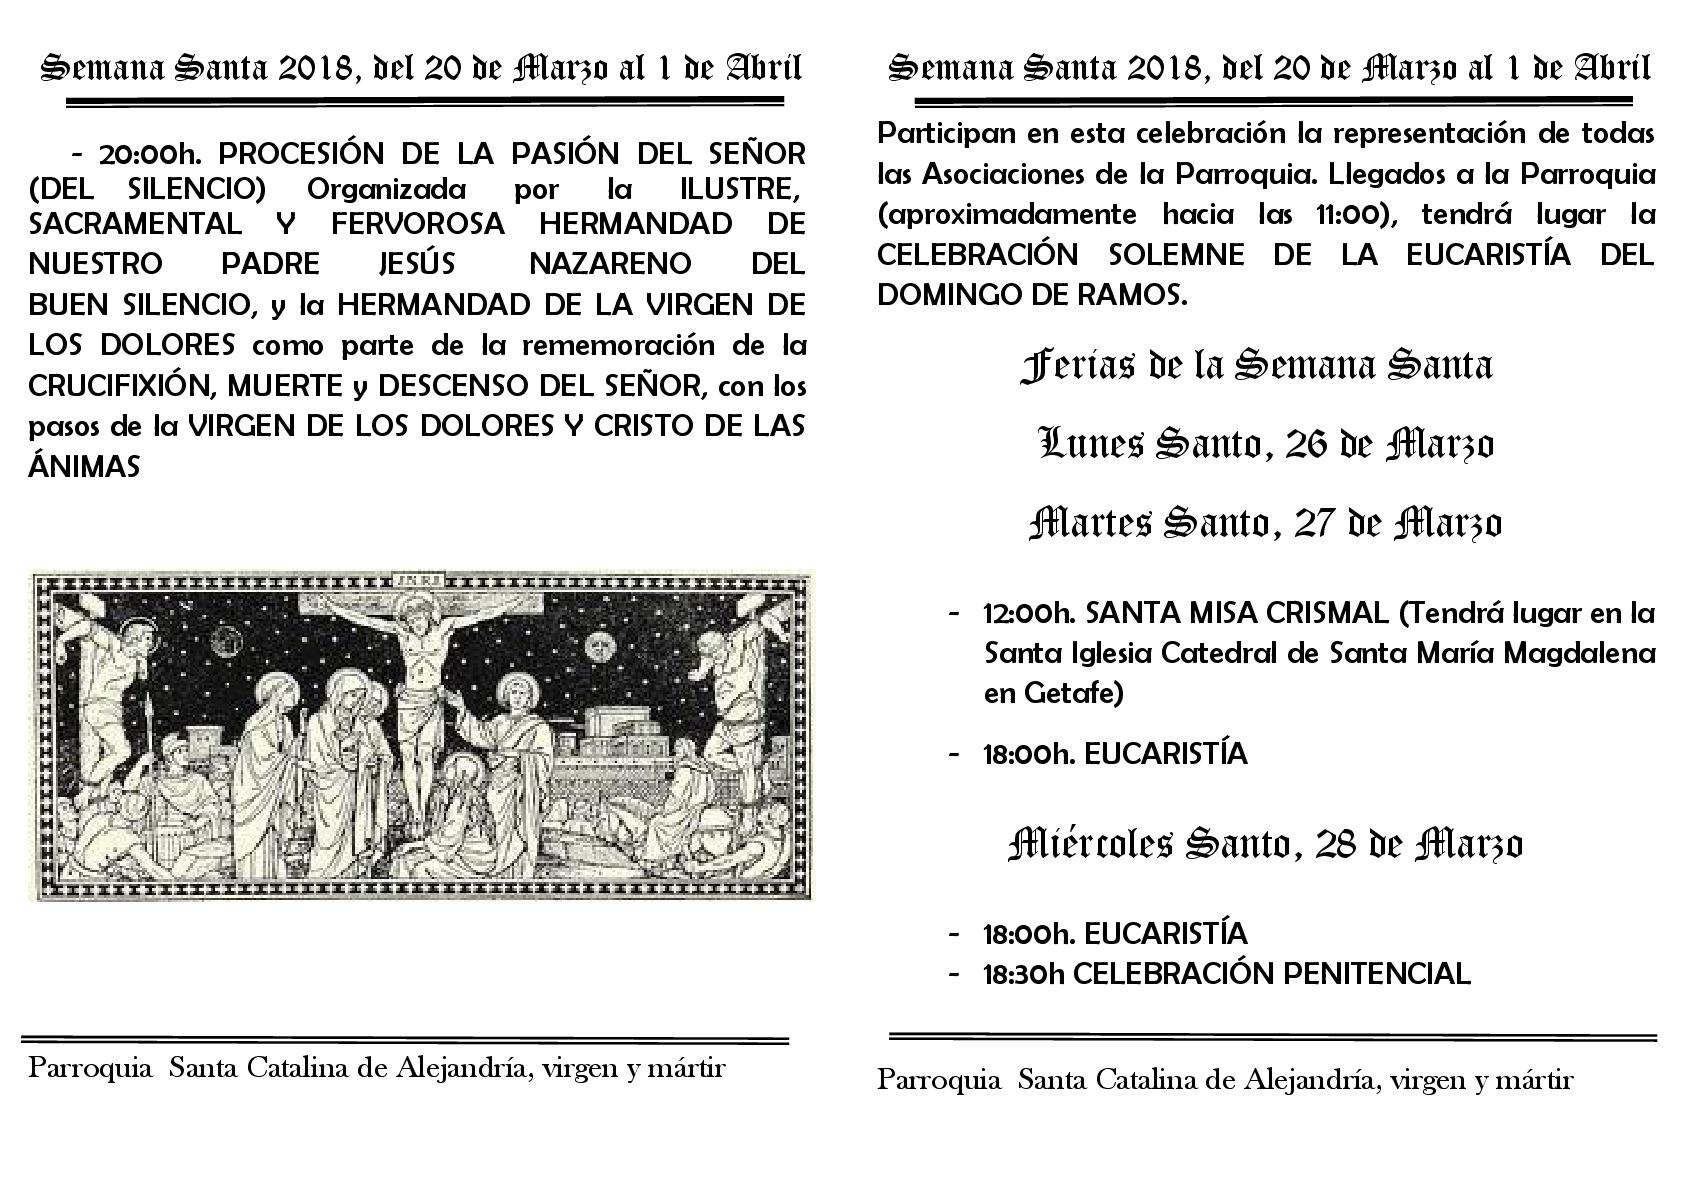 Semana Santa 2018 del 20 al 1 de abril